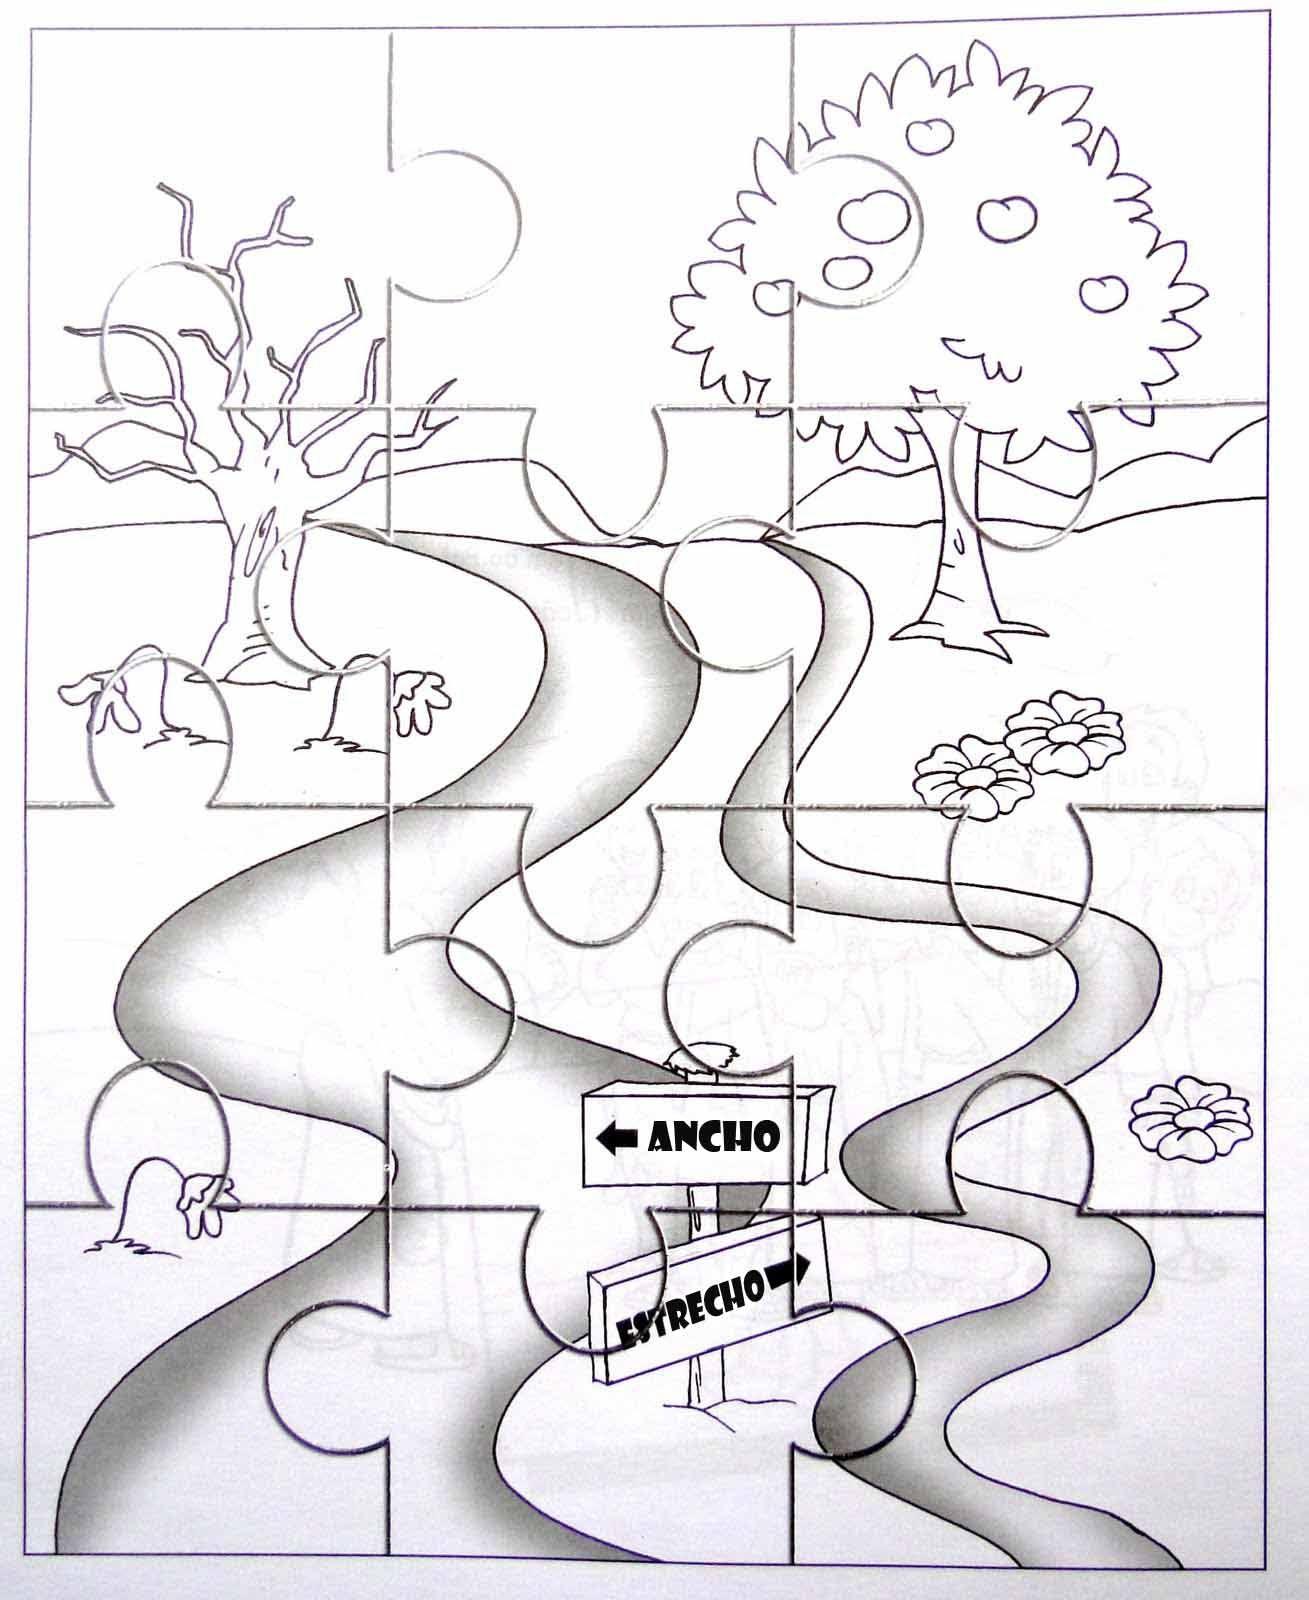 Ninos Jesus Le Dijo Yo Soy El Camino La Verdad Y La Vida Buscar Con Manualidades De La Biblia Para Ninos Manualidades Cristianas Escuela Dominical Para Ninos